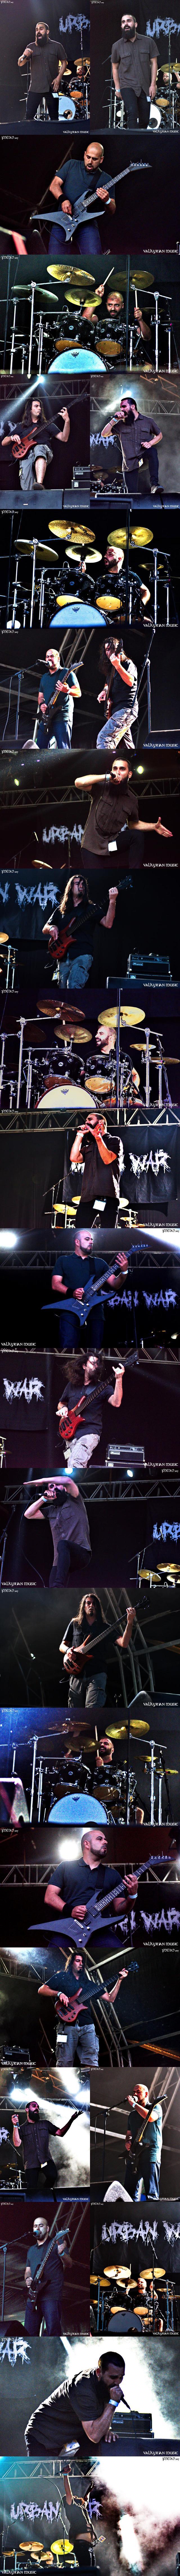 URBAN WAR LNMF17